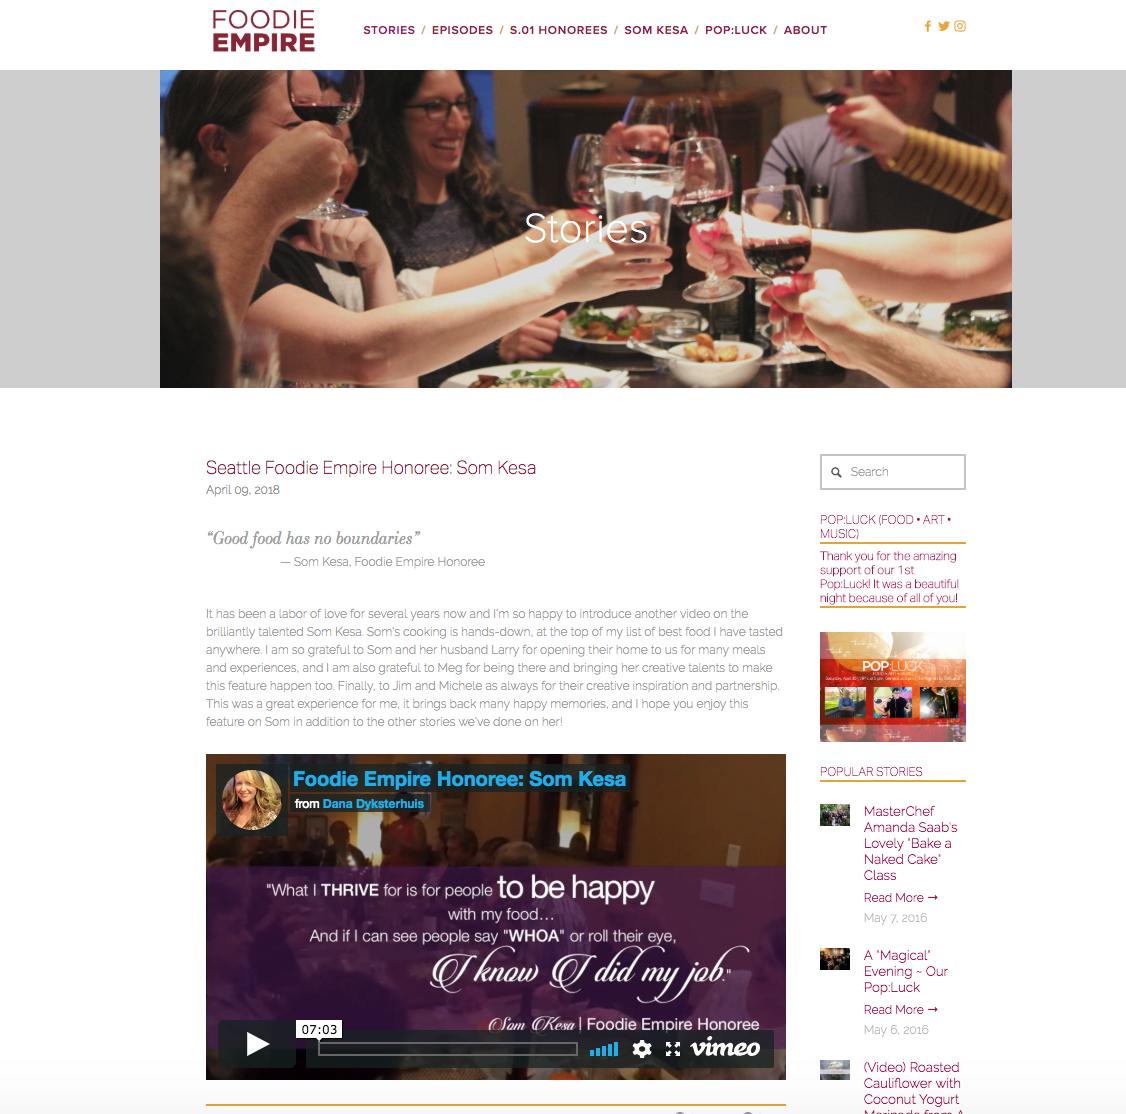 Foodie Empire: Stories on Seattle Foodies by Dana Dyksterhuis